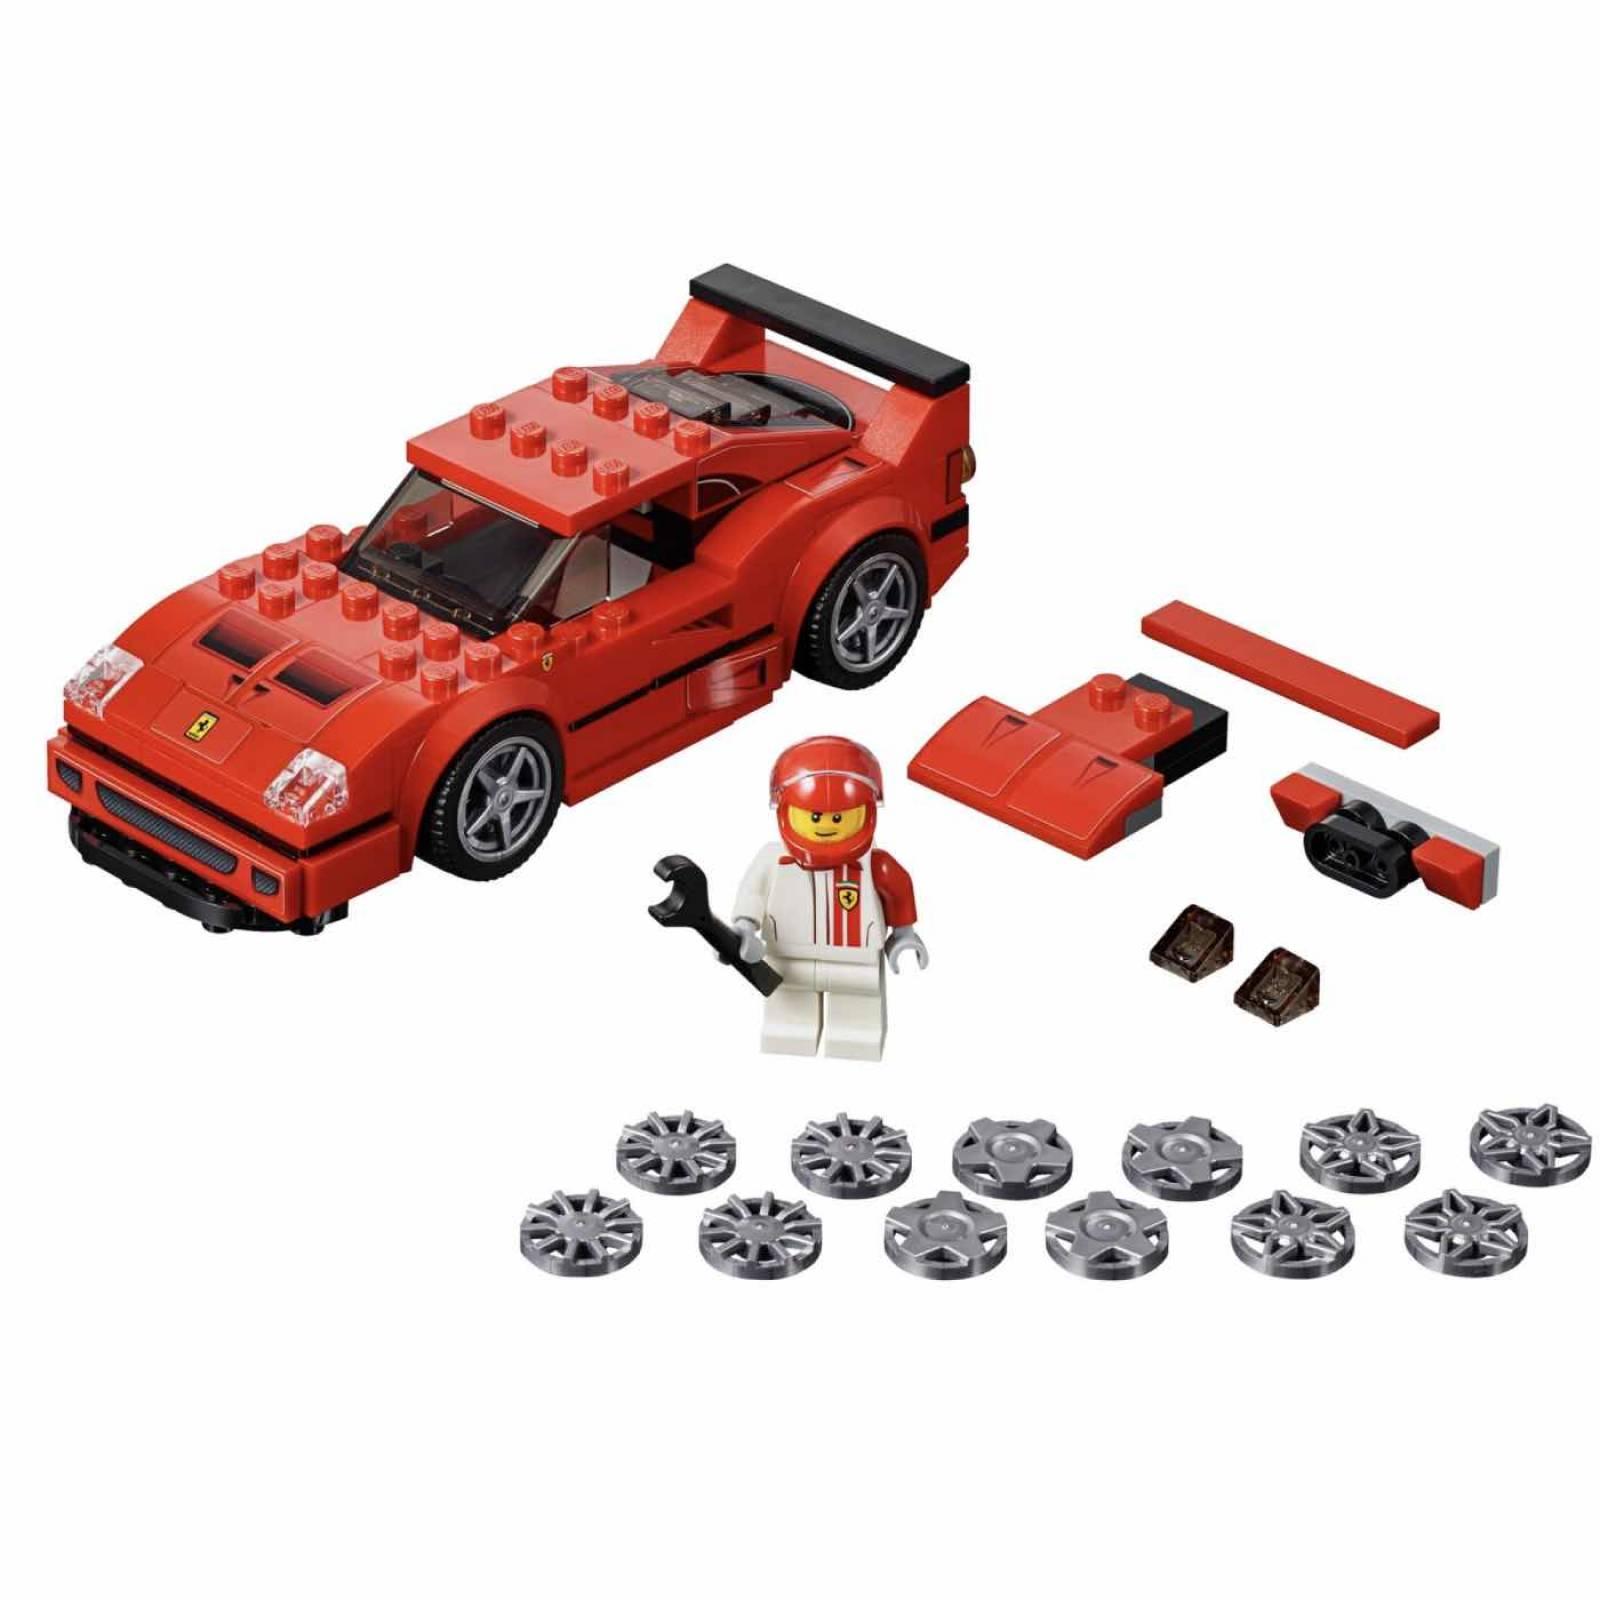 LEGO Speed Champions Ferrari F40 Competizione 75890 thumbnails